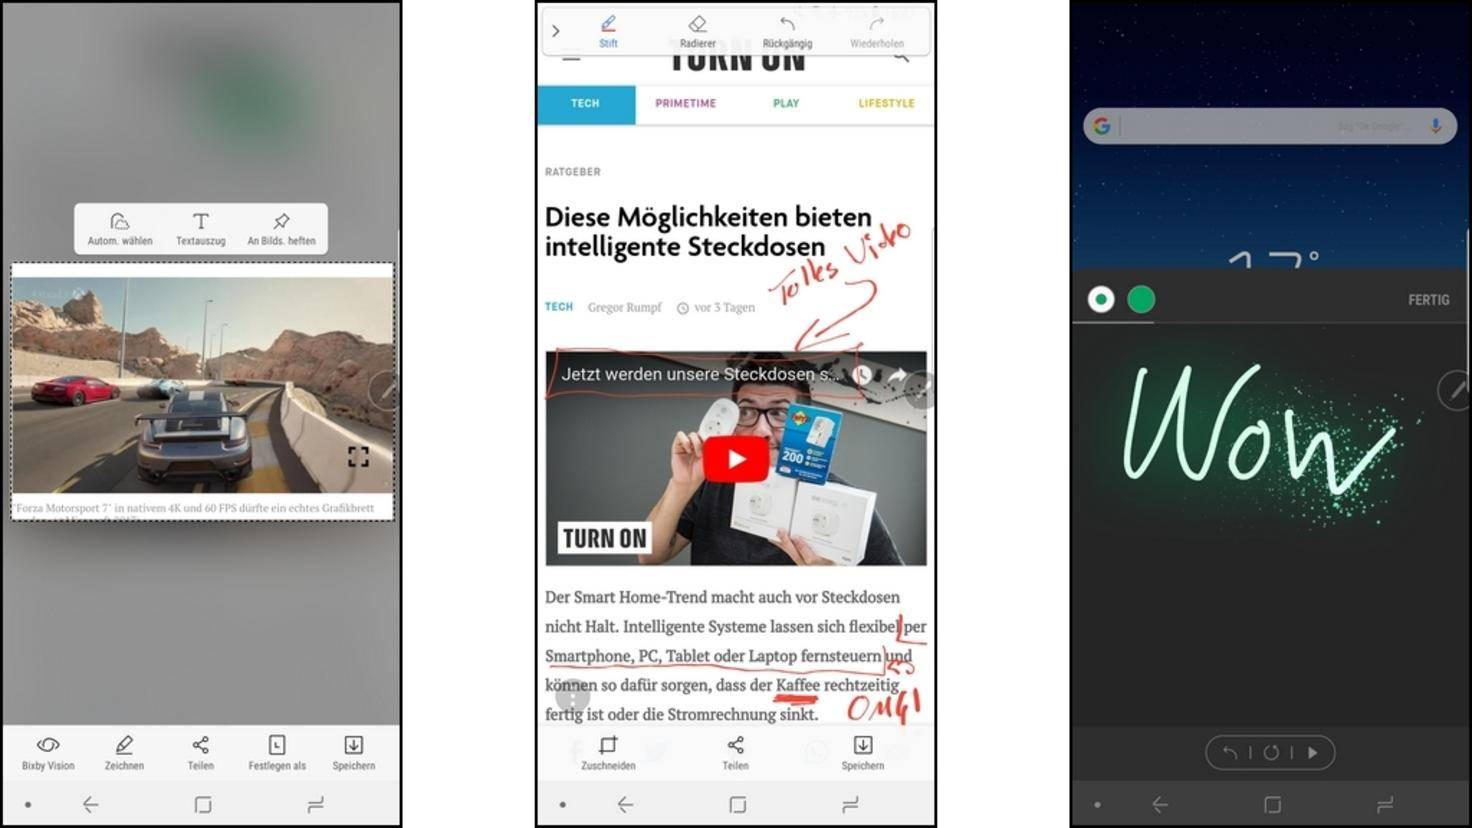 Neben Notizen lassen sich auch Screenshots bearbeiten oder animierte Nachrichten erstellen.